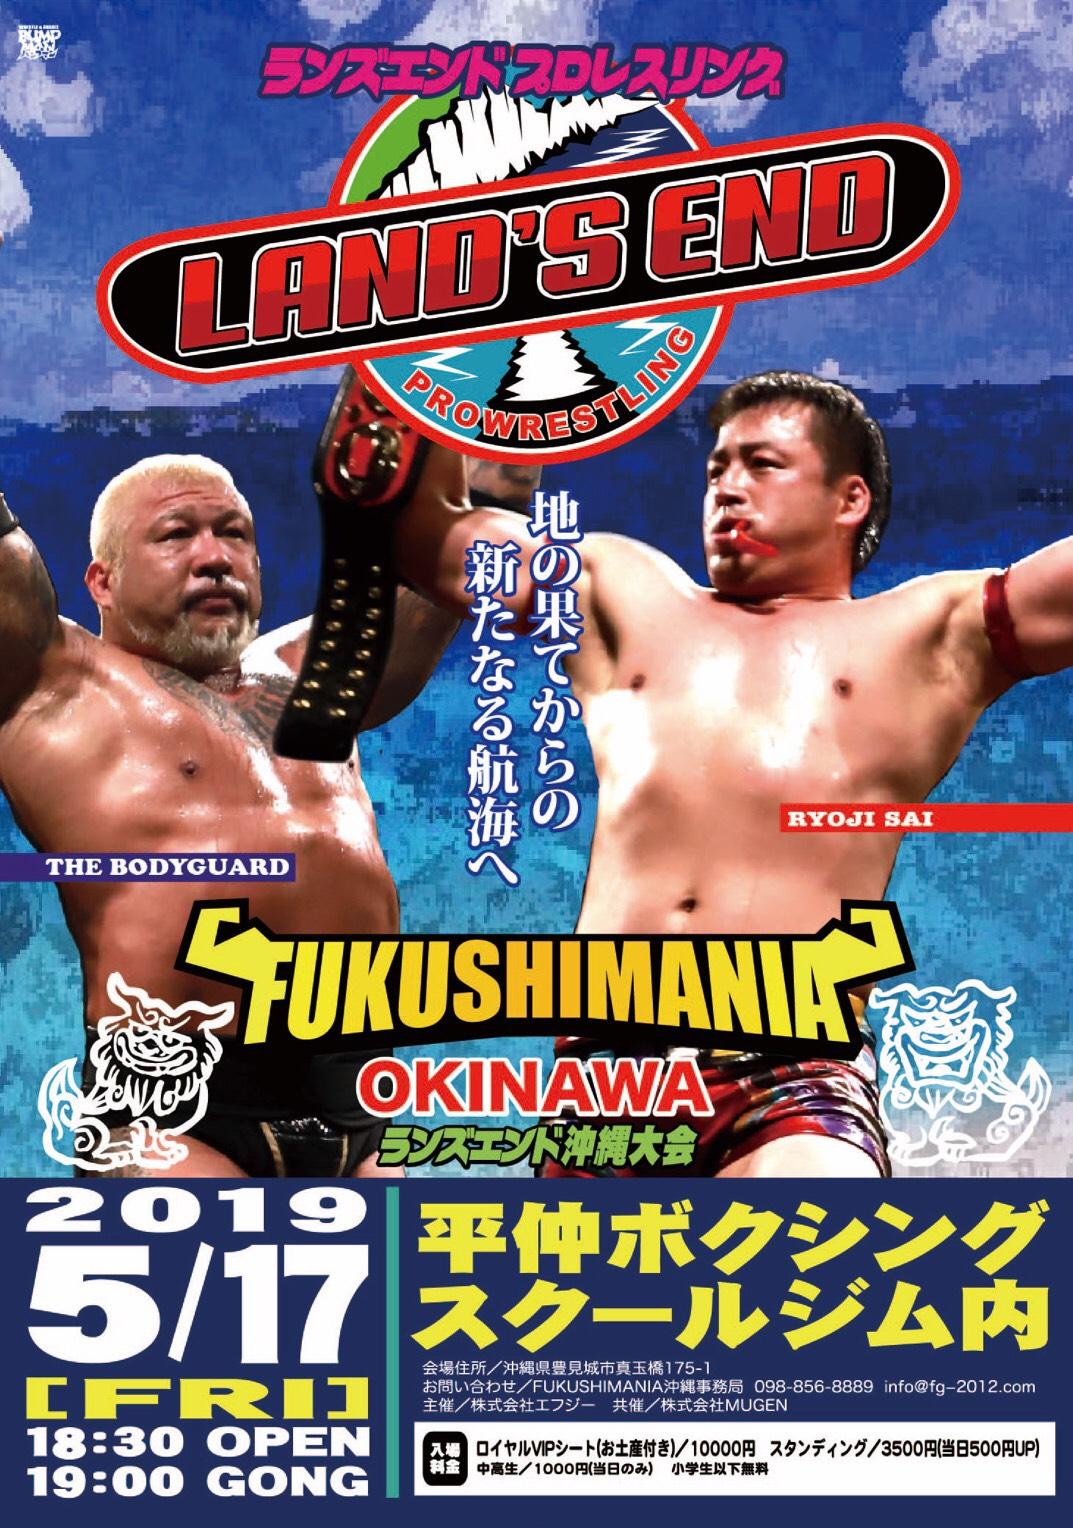 ランズエンドプロレスFUKUSHIMANIA沖縄大会開催